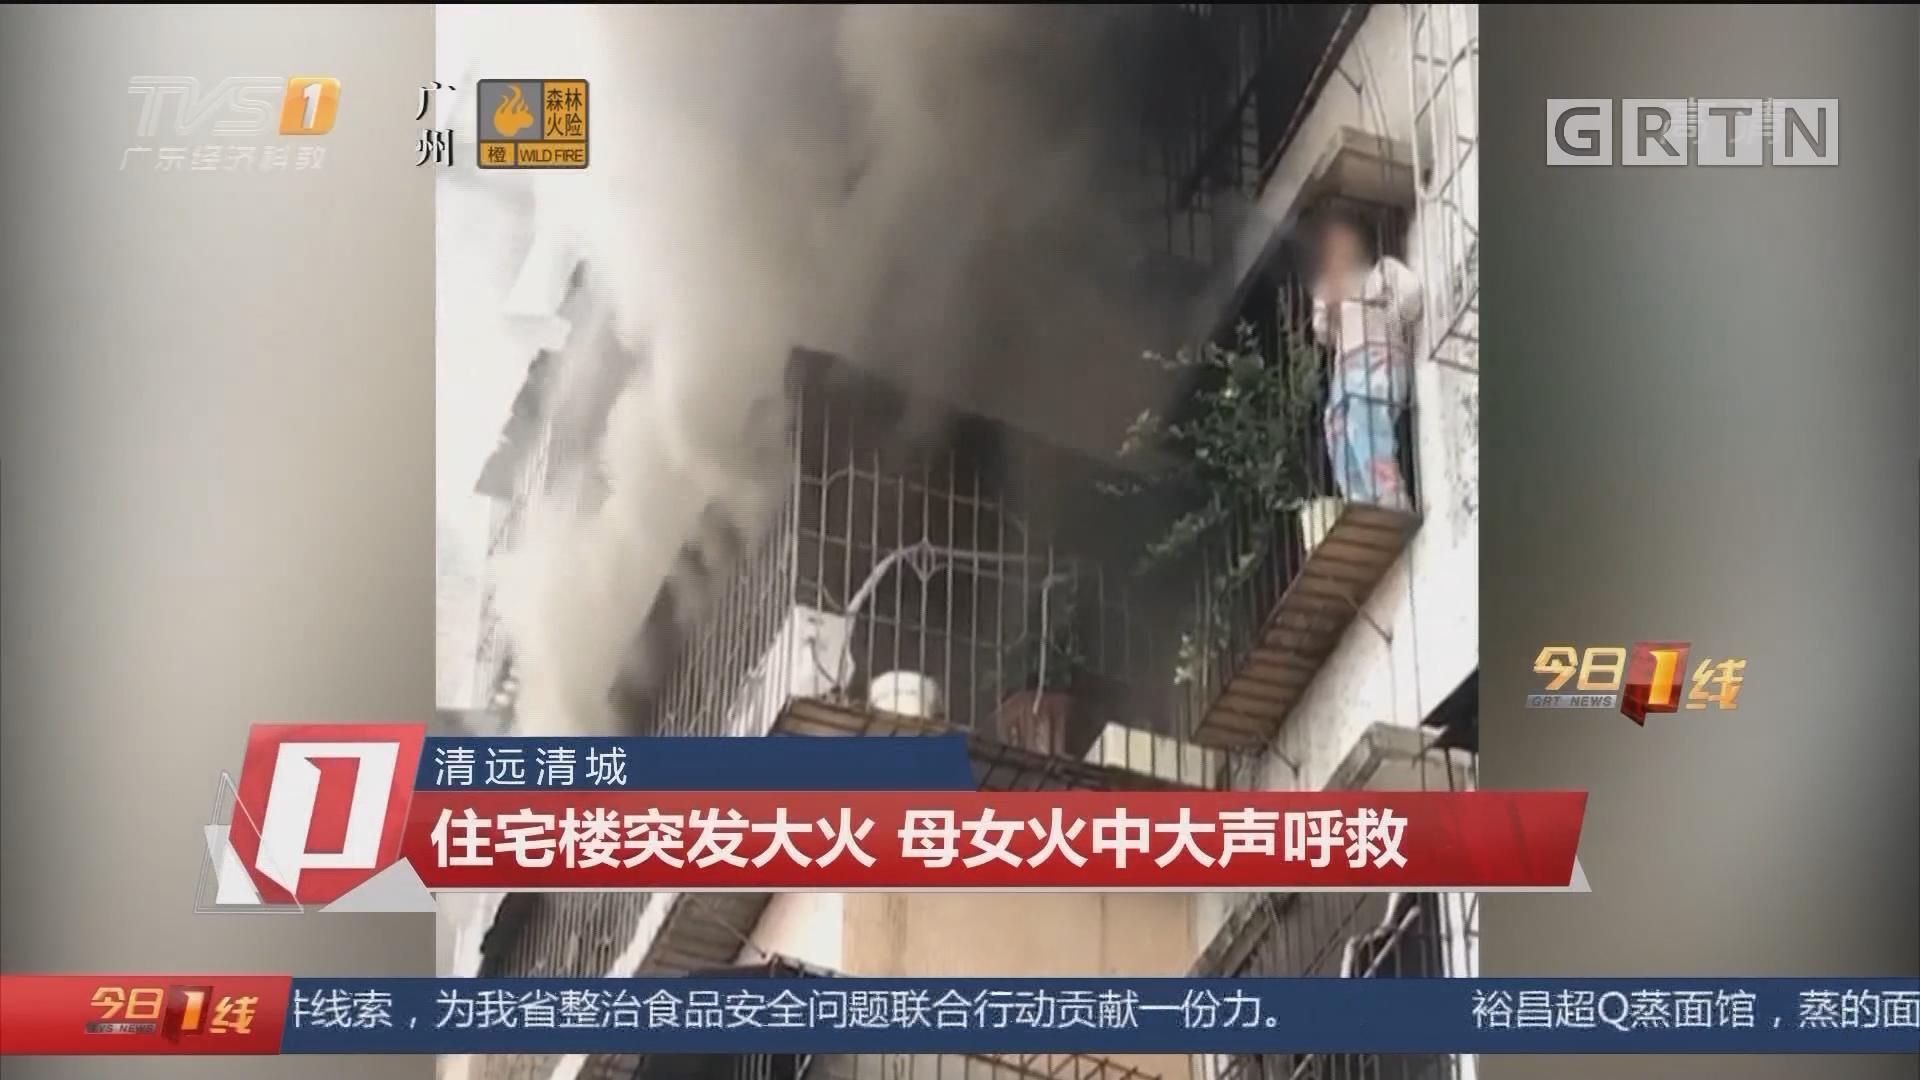 清远清城:住宅楼突发大火 母女火中大声呼救